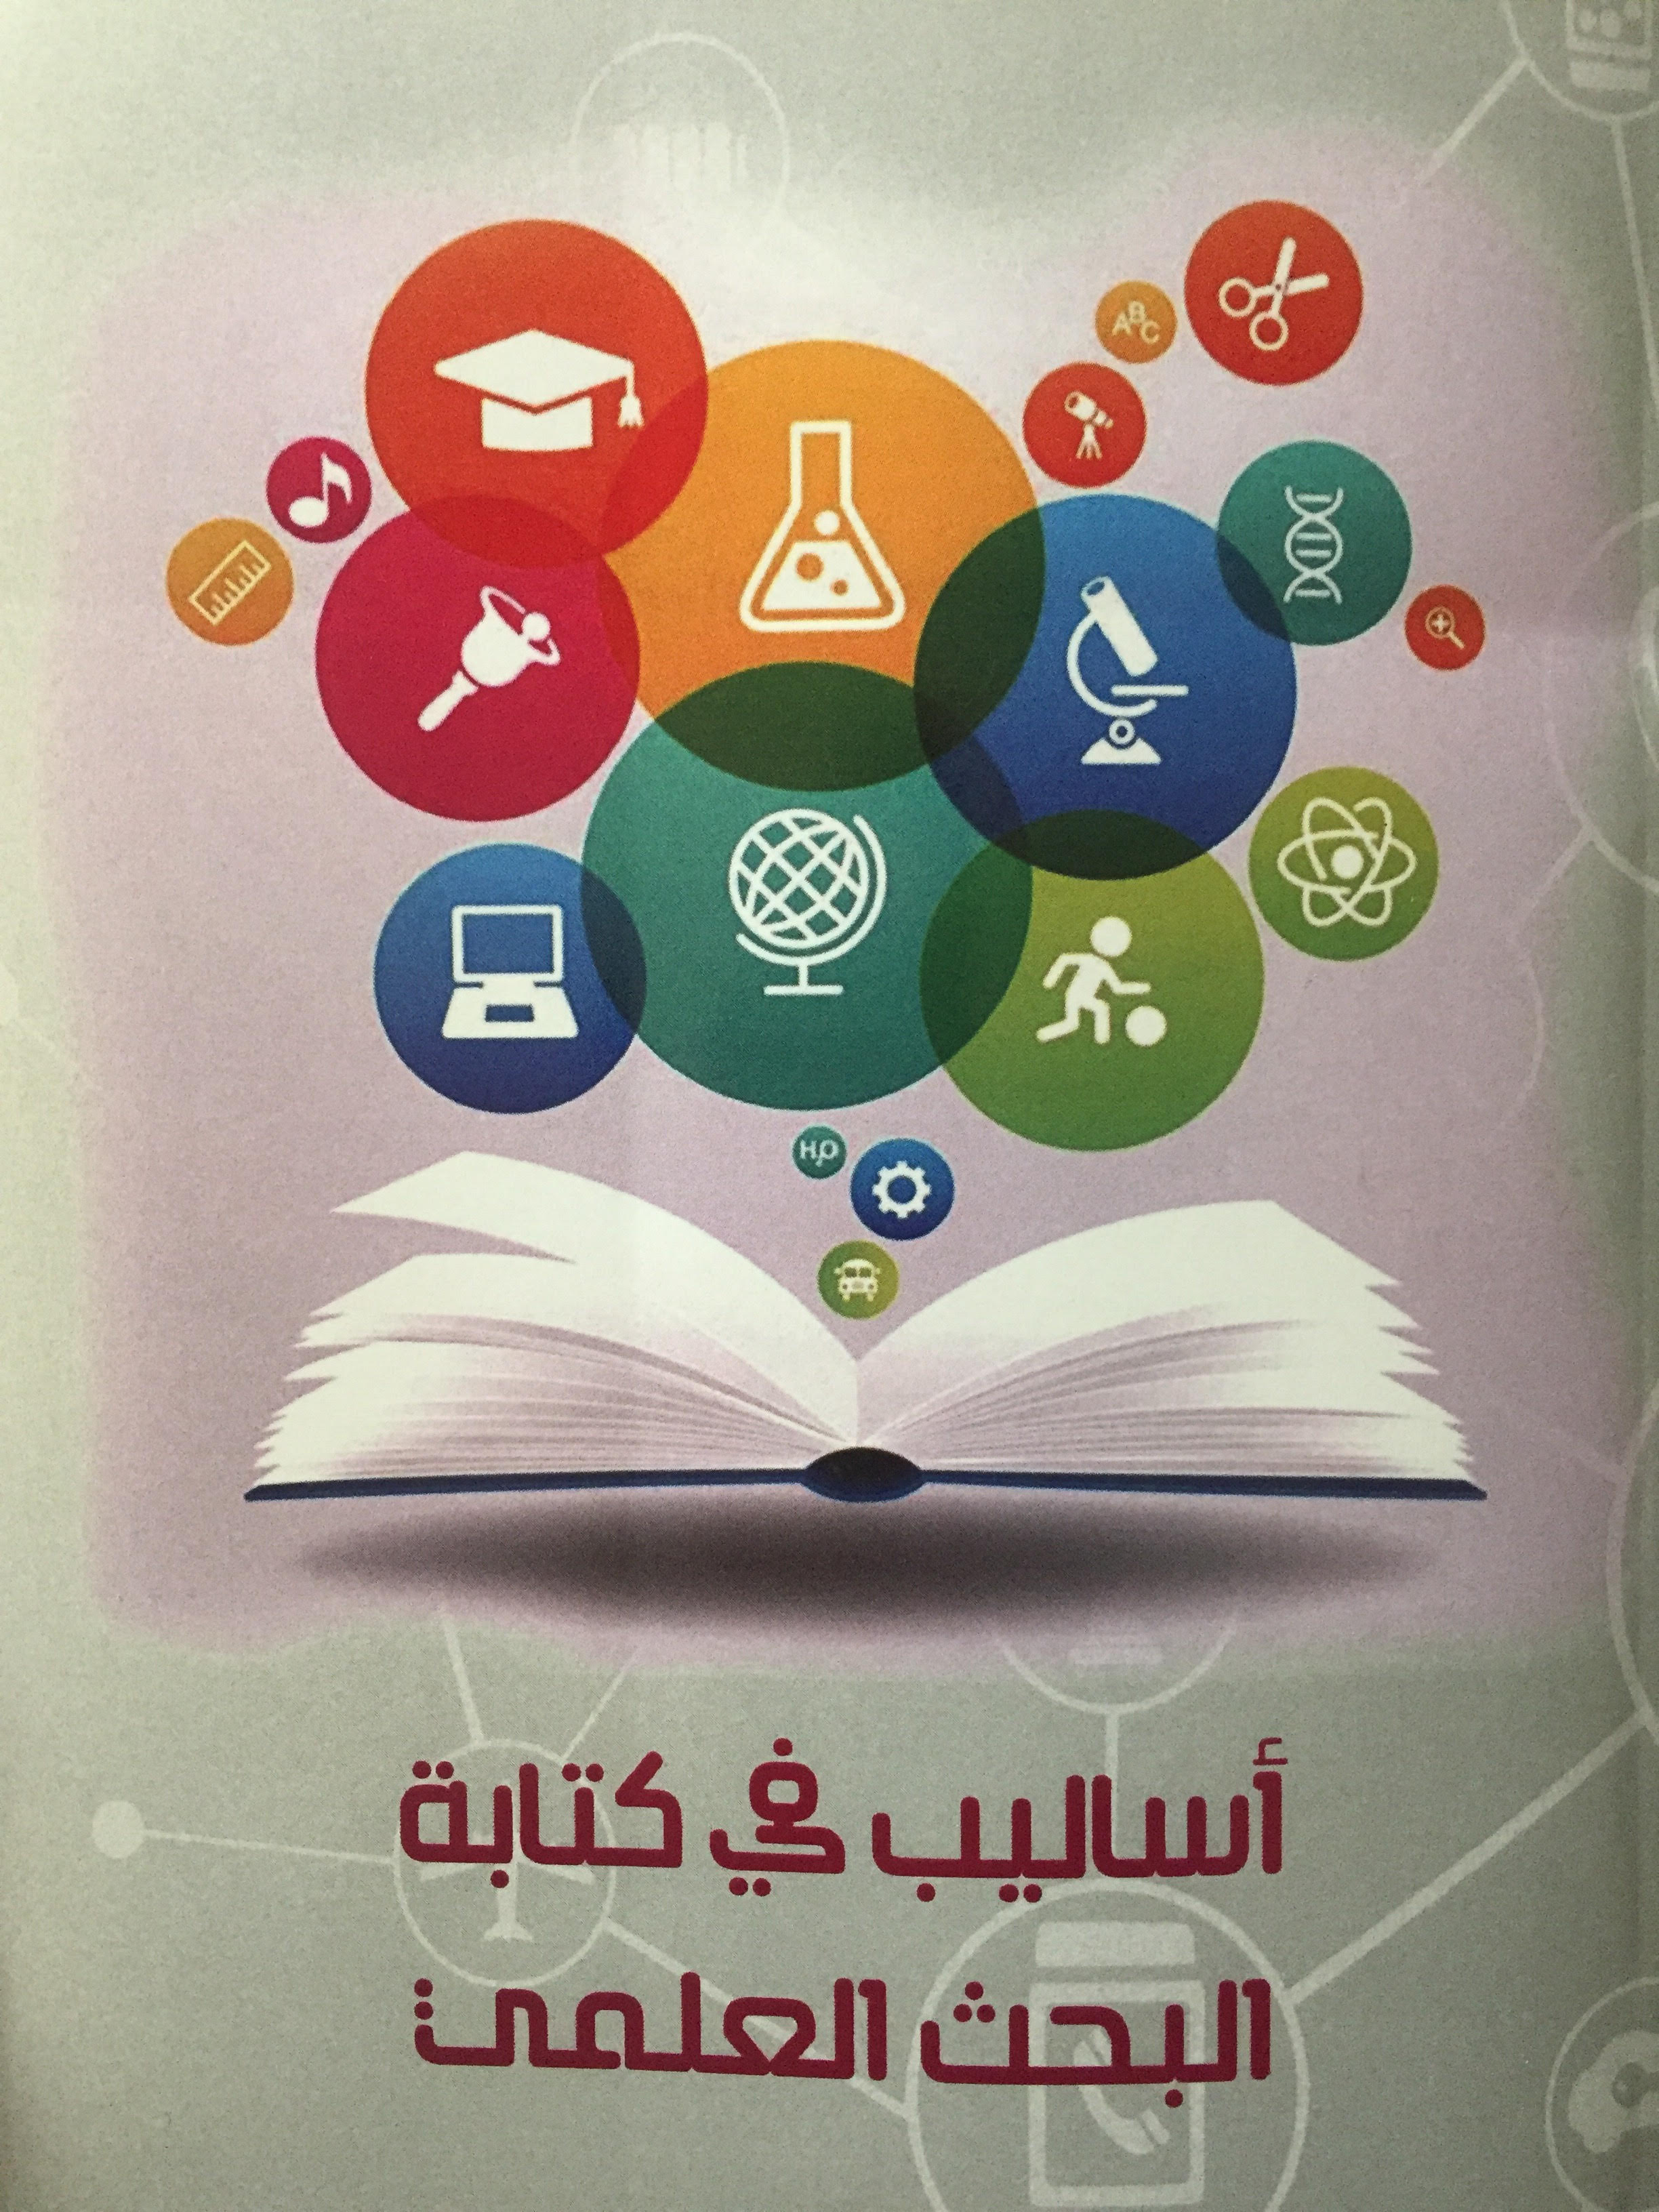 صدر حديثا للاستاذ الدكتور باسم الغبان كتاب اساليب في كتابة البحث العلمي